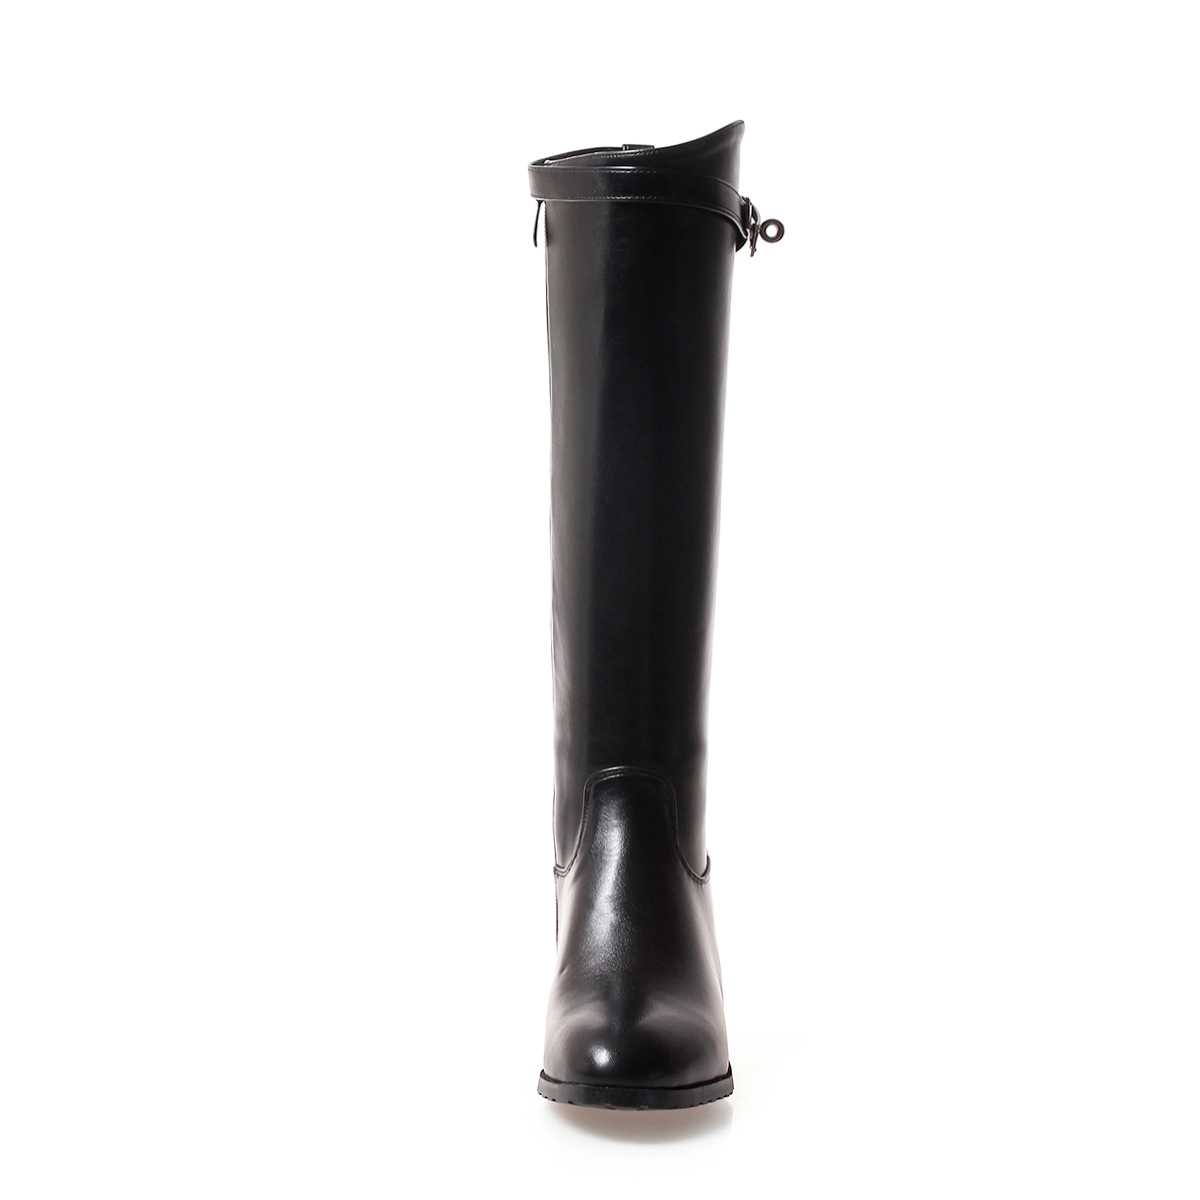 De Zapatos Las Caliente Pu 2018 Mujer Cuero Señoras Botas Planas Negro Tamaño verde La Mujeres 43 Zip Invierno Más Piel Altas Rodilla blanco ZZwrqdC